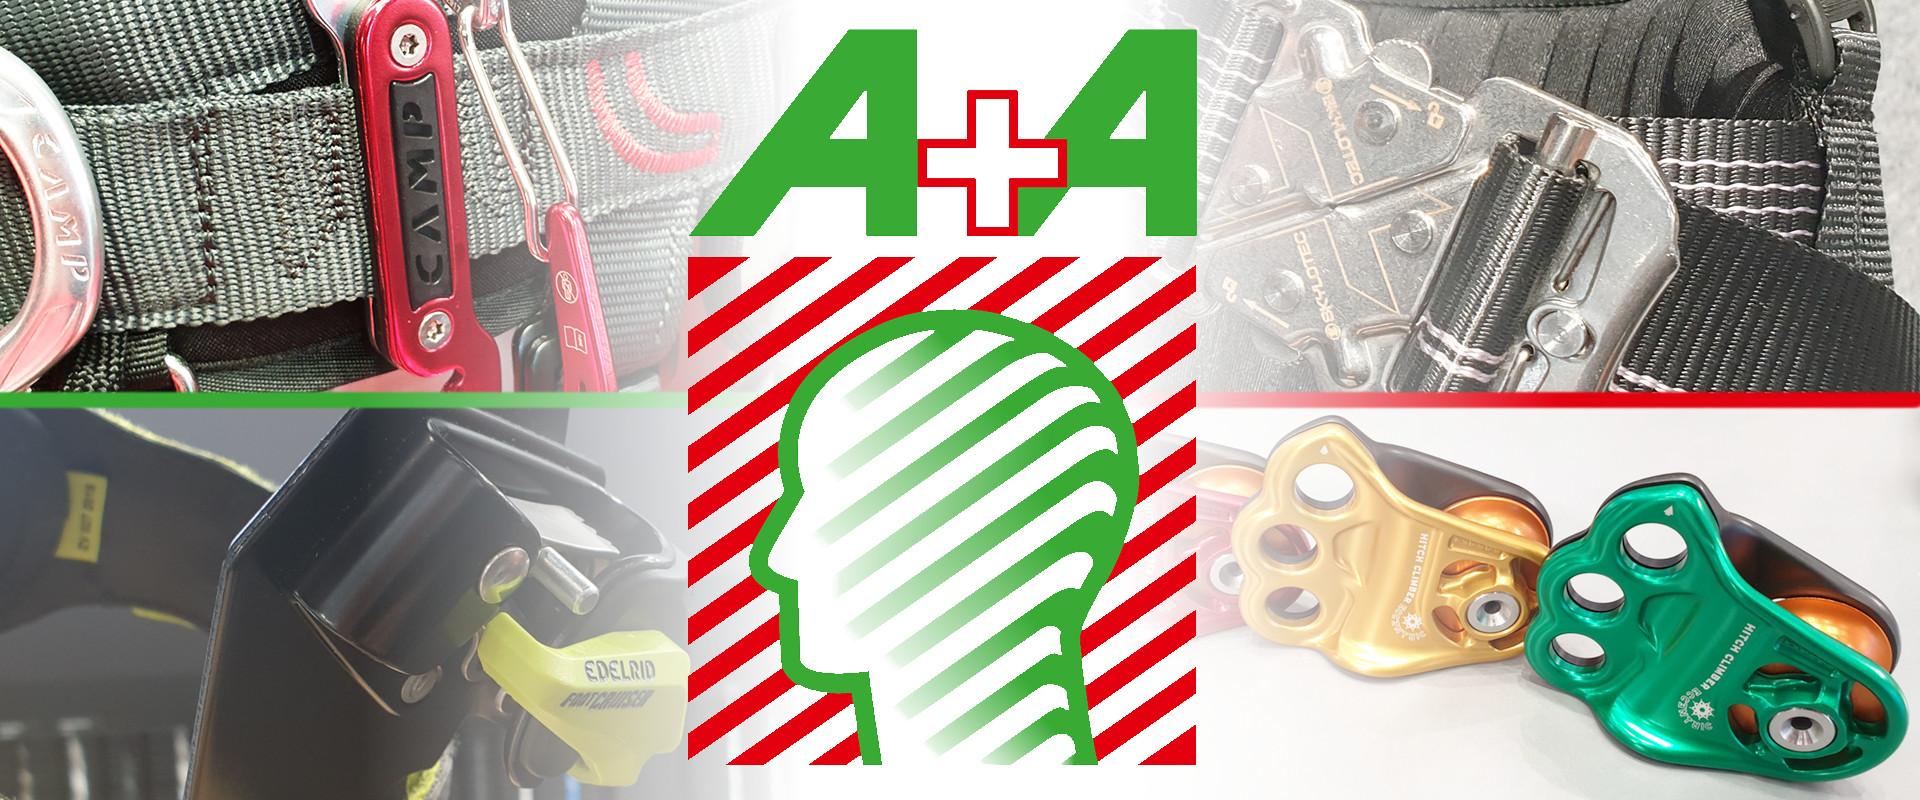 Permalink zu:Neuheiten für Baumpflege und Baumklettern A+A 2019